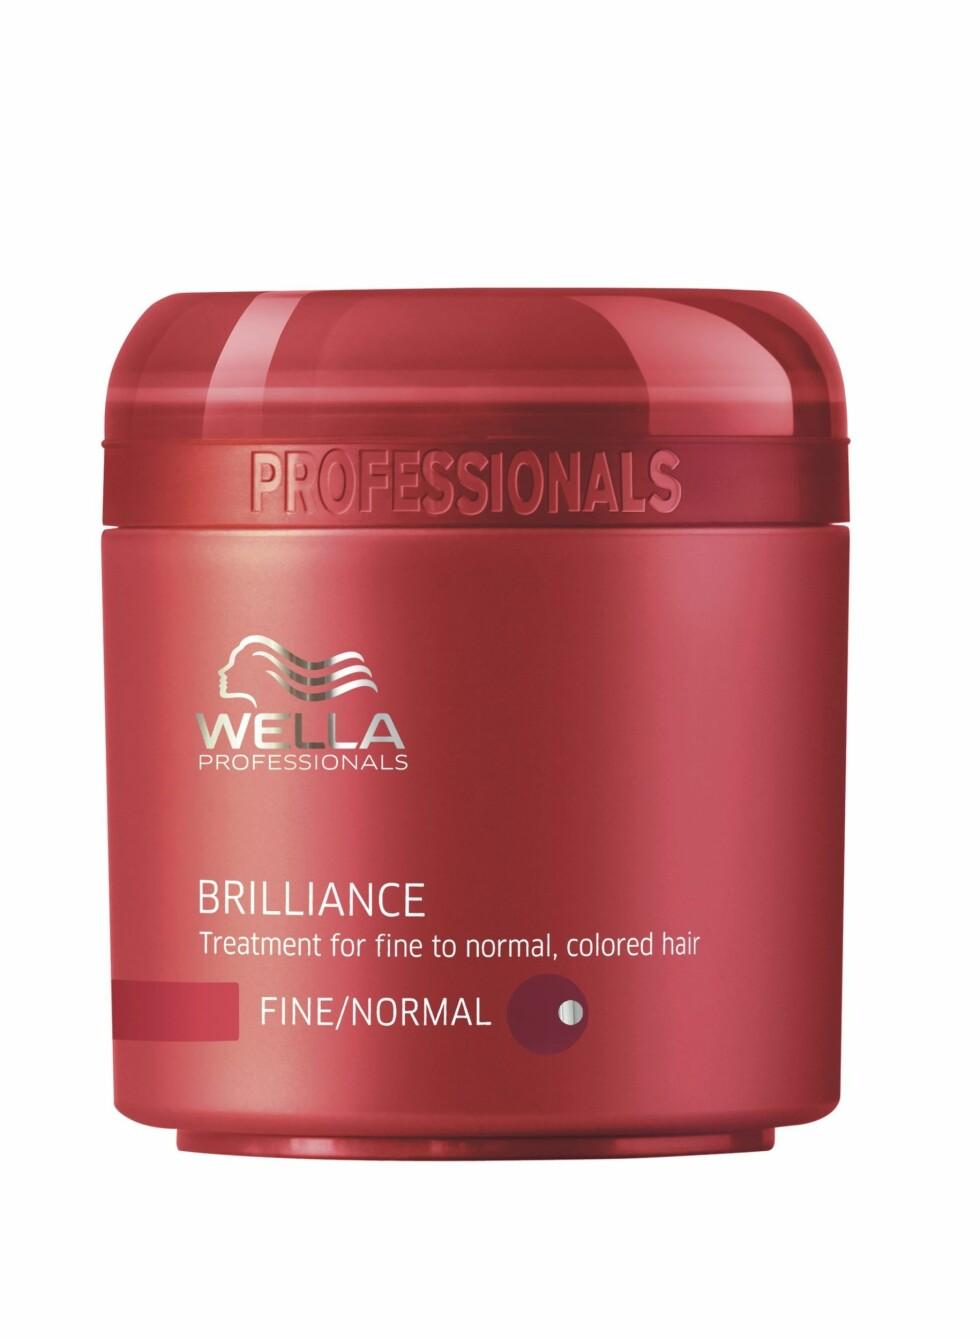 Brilliance hårkur for fint til normalt, farget hår, fra Wella Professionals Care, veil. kr 225. Finnes også for grovt hår.  Foto: Produsenten